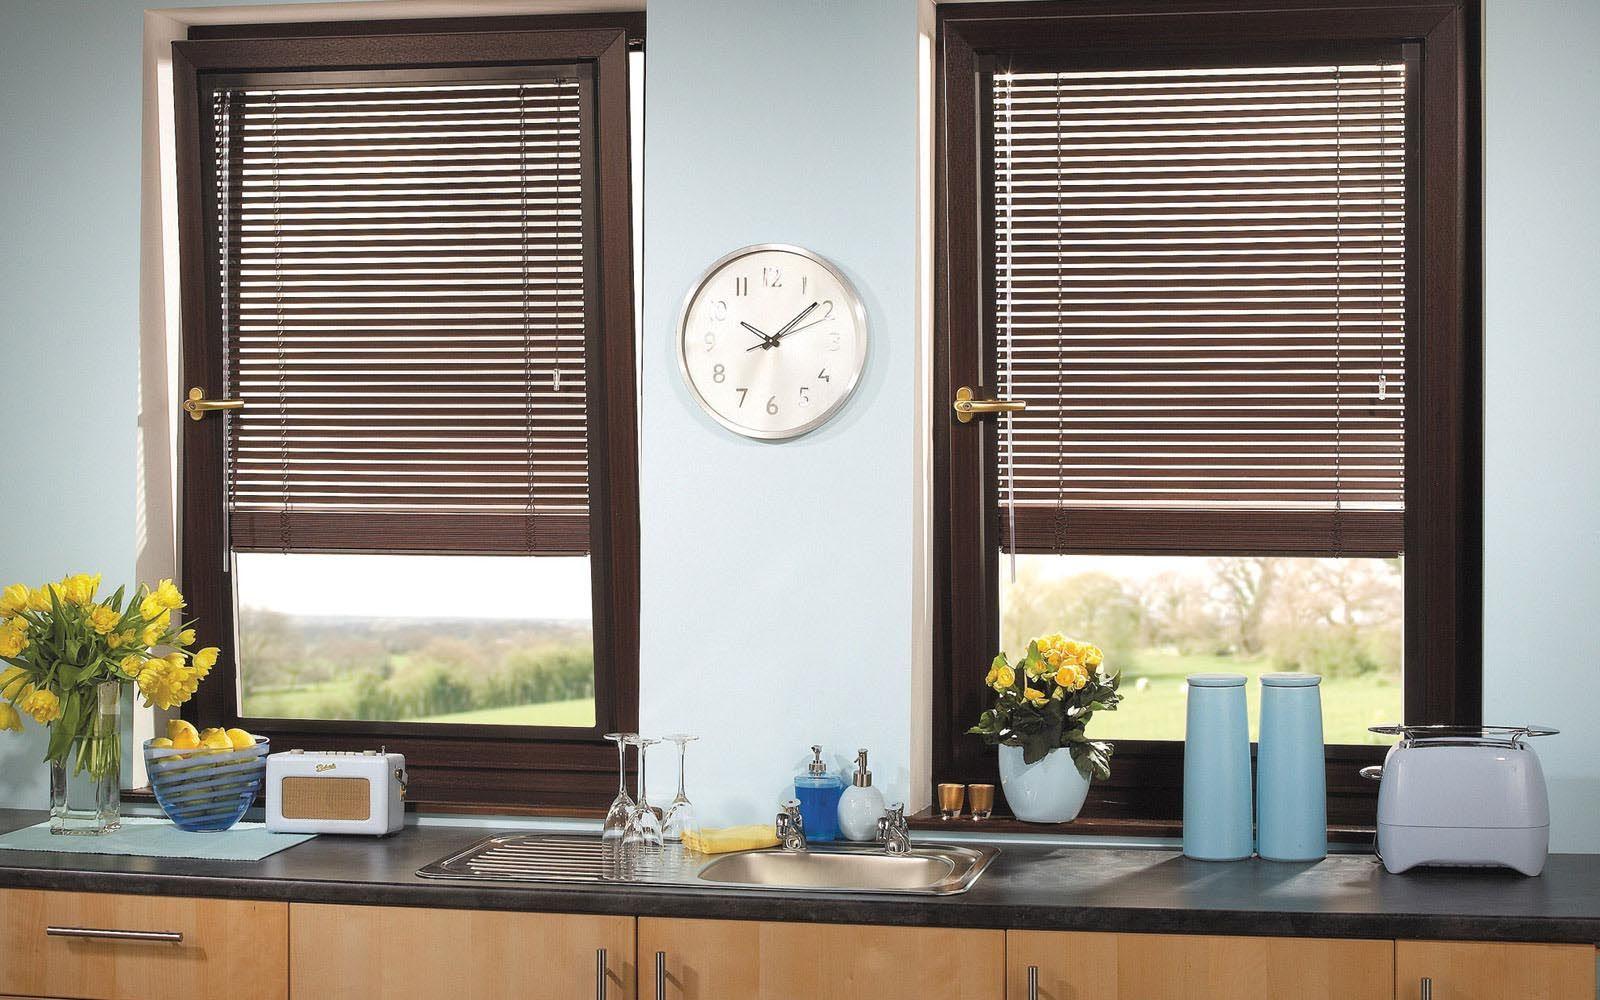 Blinds For Kitchen Window Blinds For Windows Blinds Design Living Room Blinds